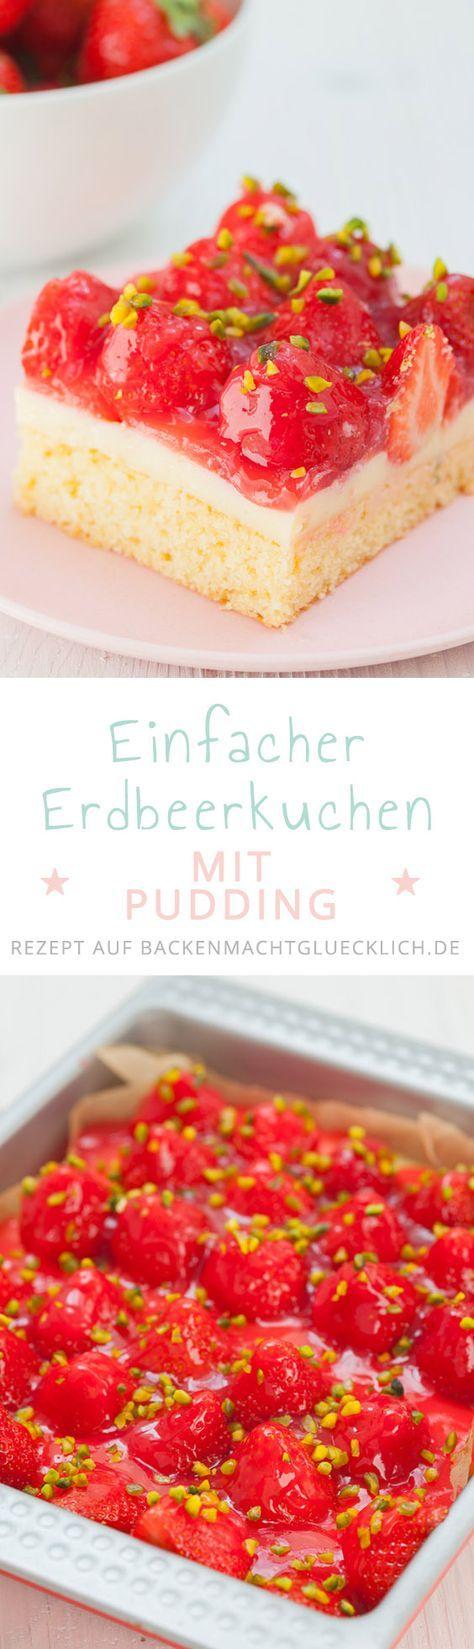 Erdbeerkuchen mit Pudding | Backen macht glücklich